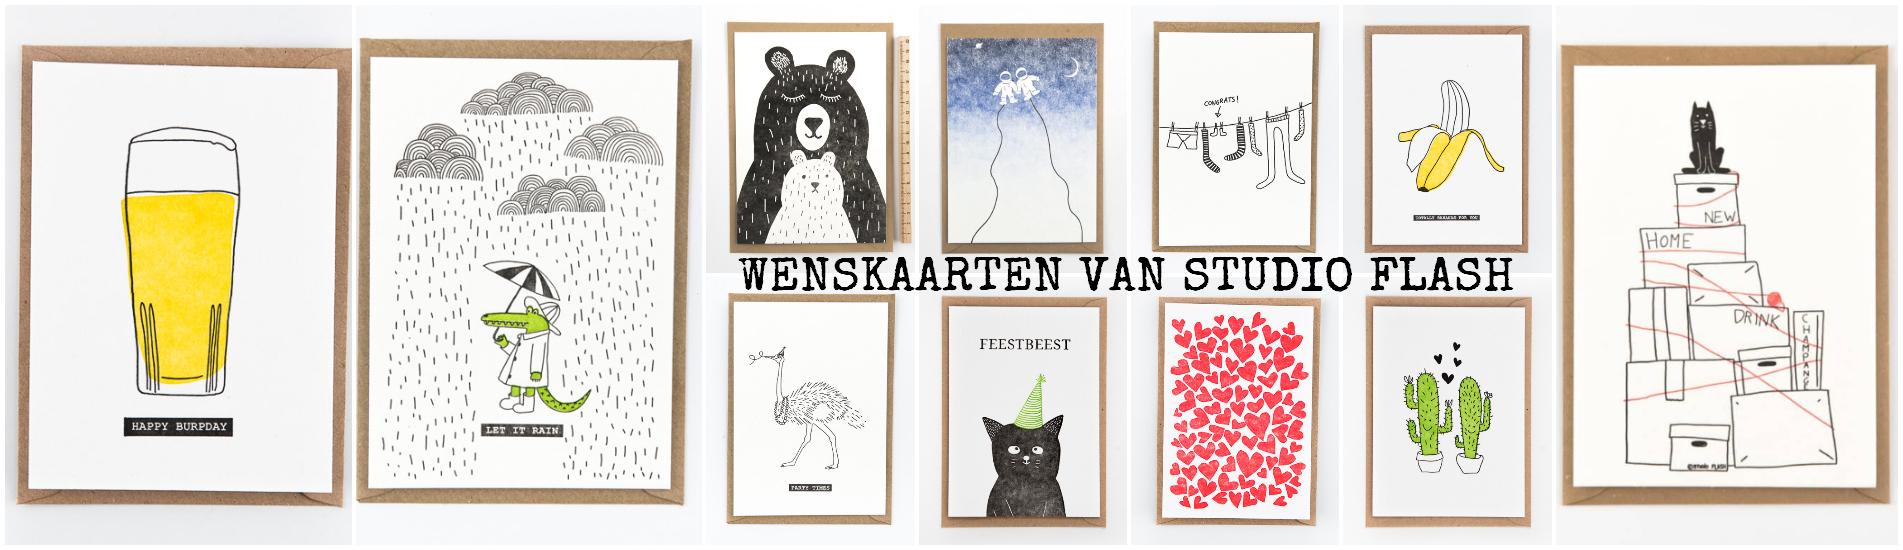 banner-studio-flash-letterpress-wenskaarten